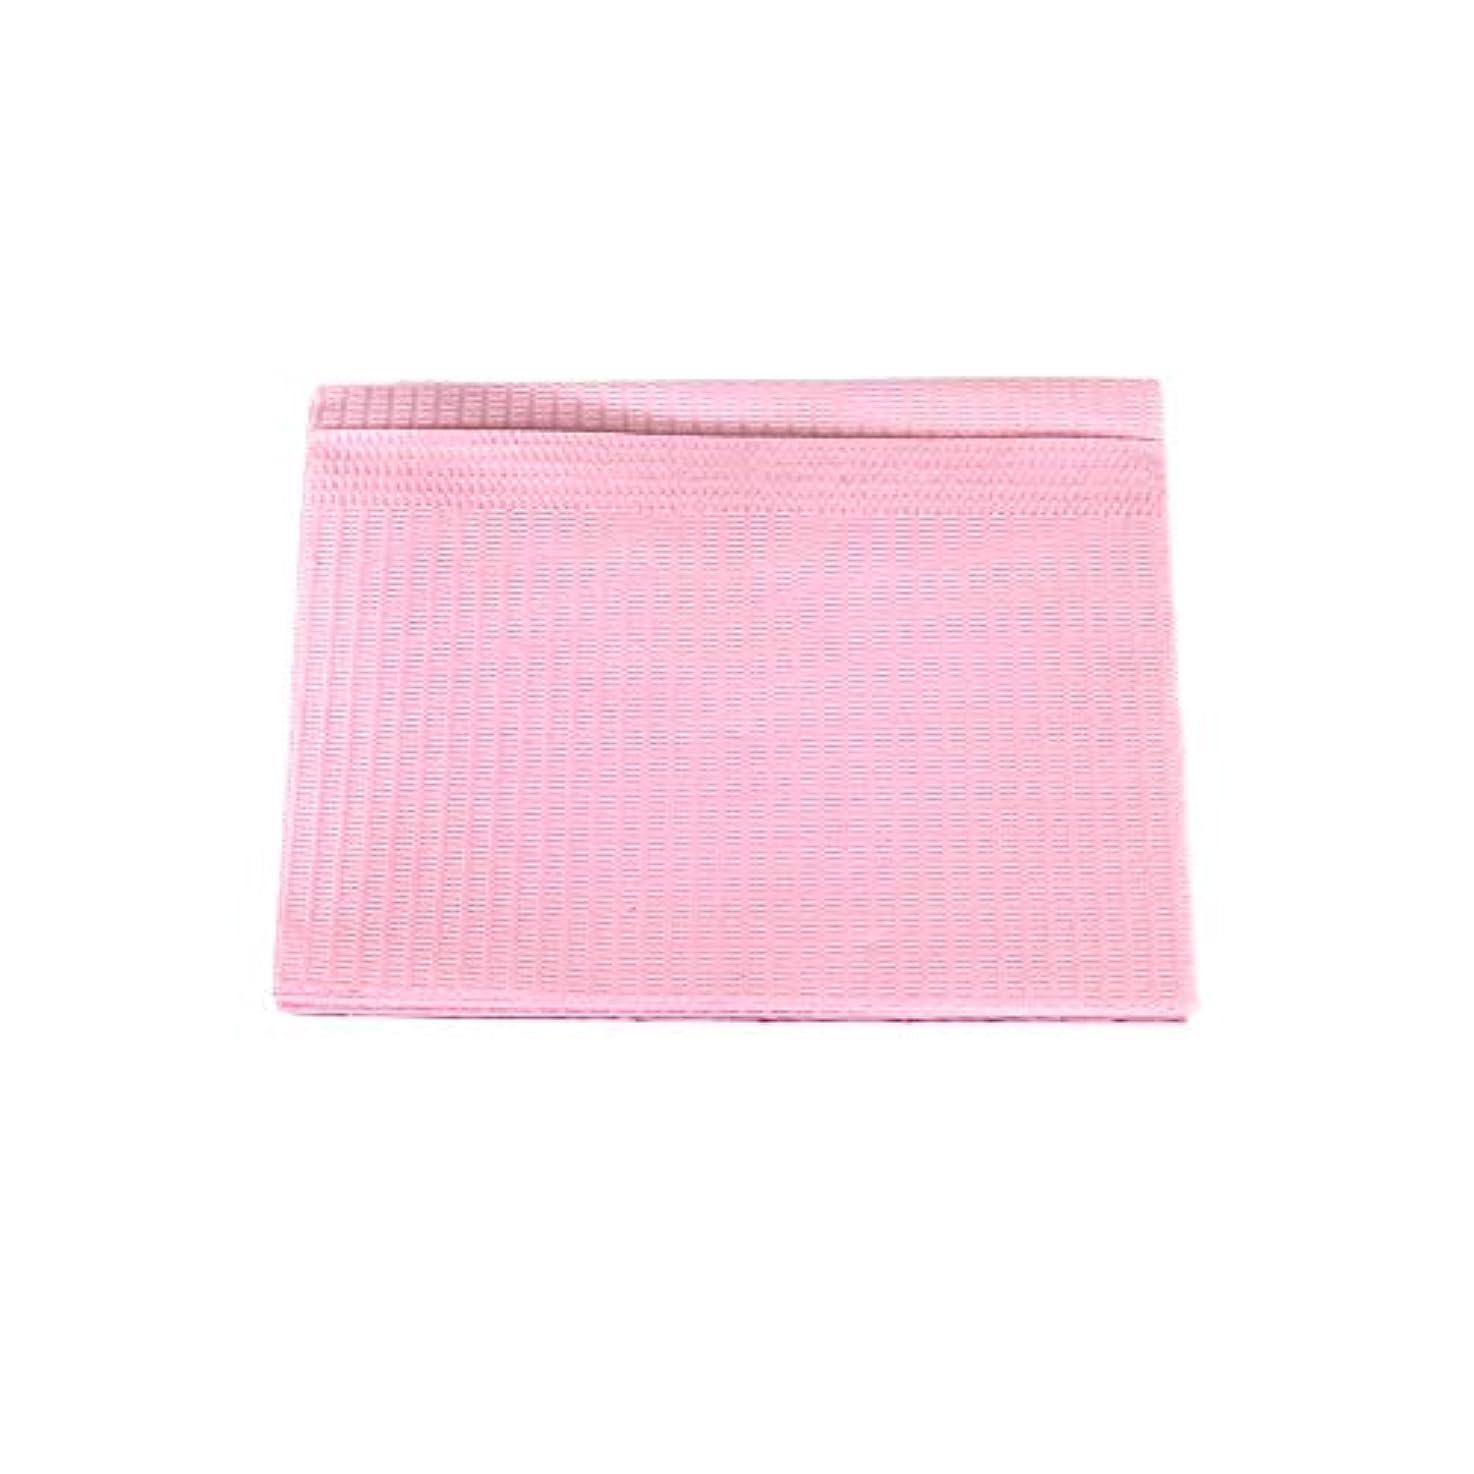 土器弁護パイ防水ネイルペーパー ピンク 10枚入り ネイルシート 防水ペーパー キッチンペーパー